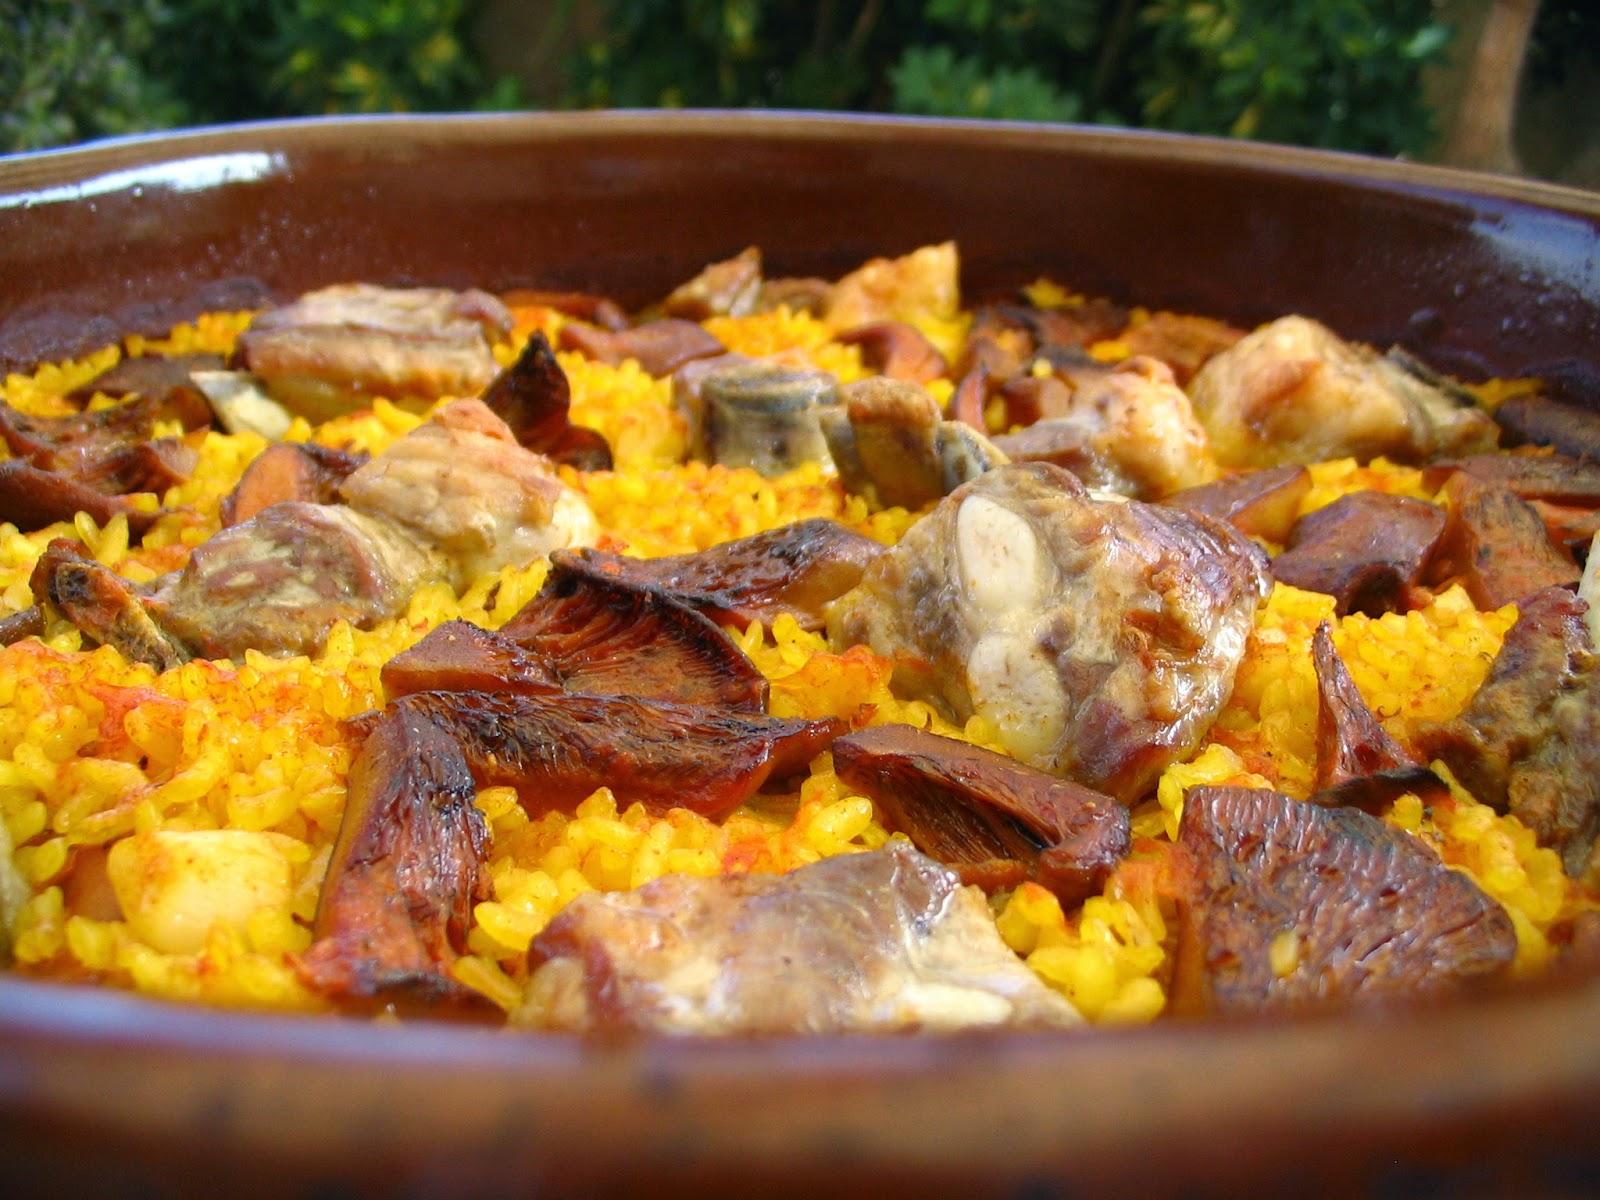 Receta de arroz al horno con costillas - Arroz con verduras y costillas ...